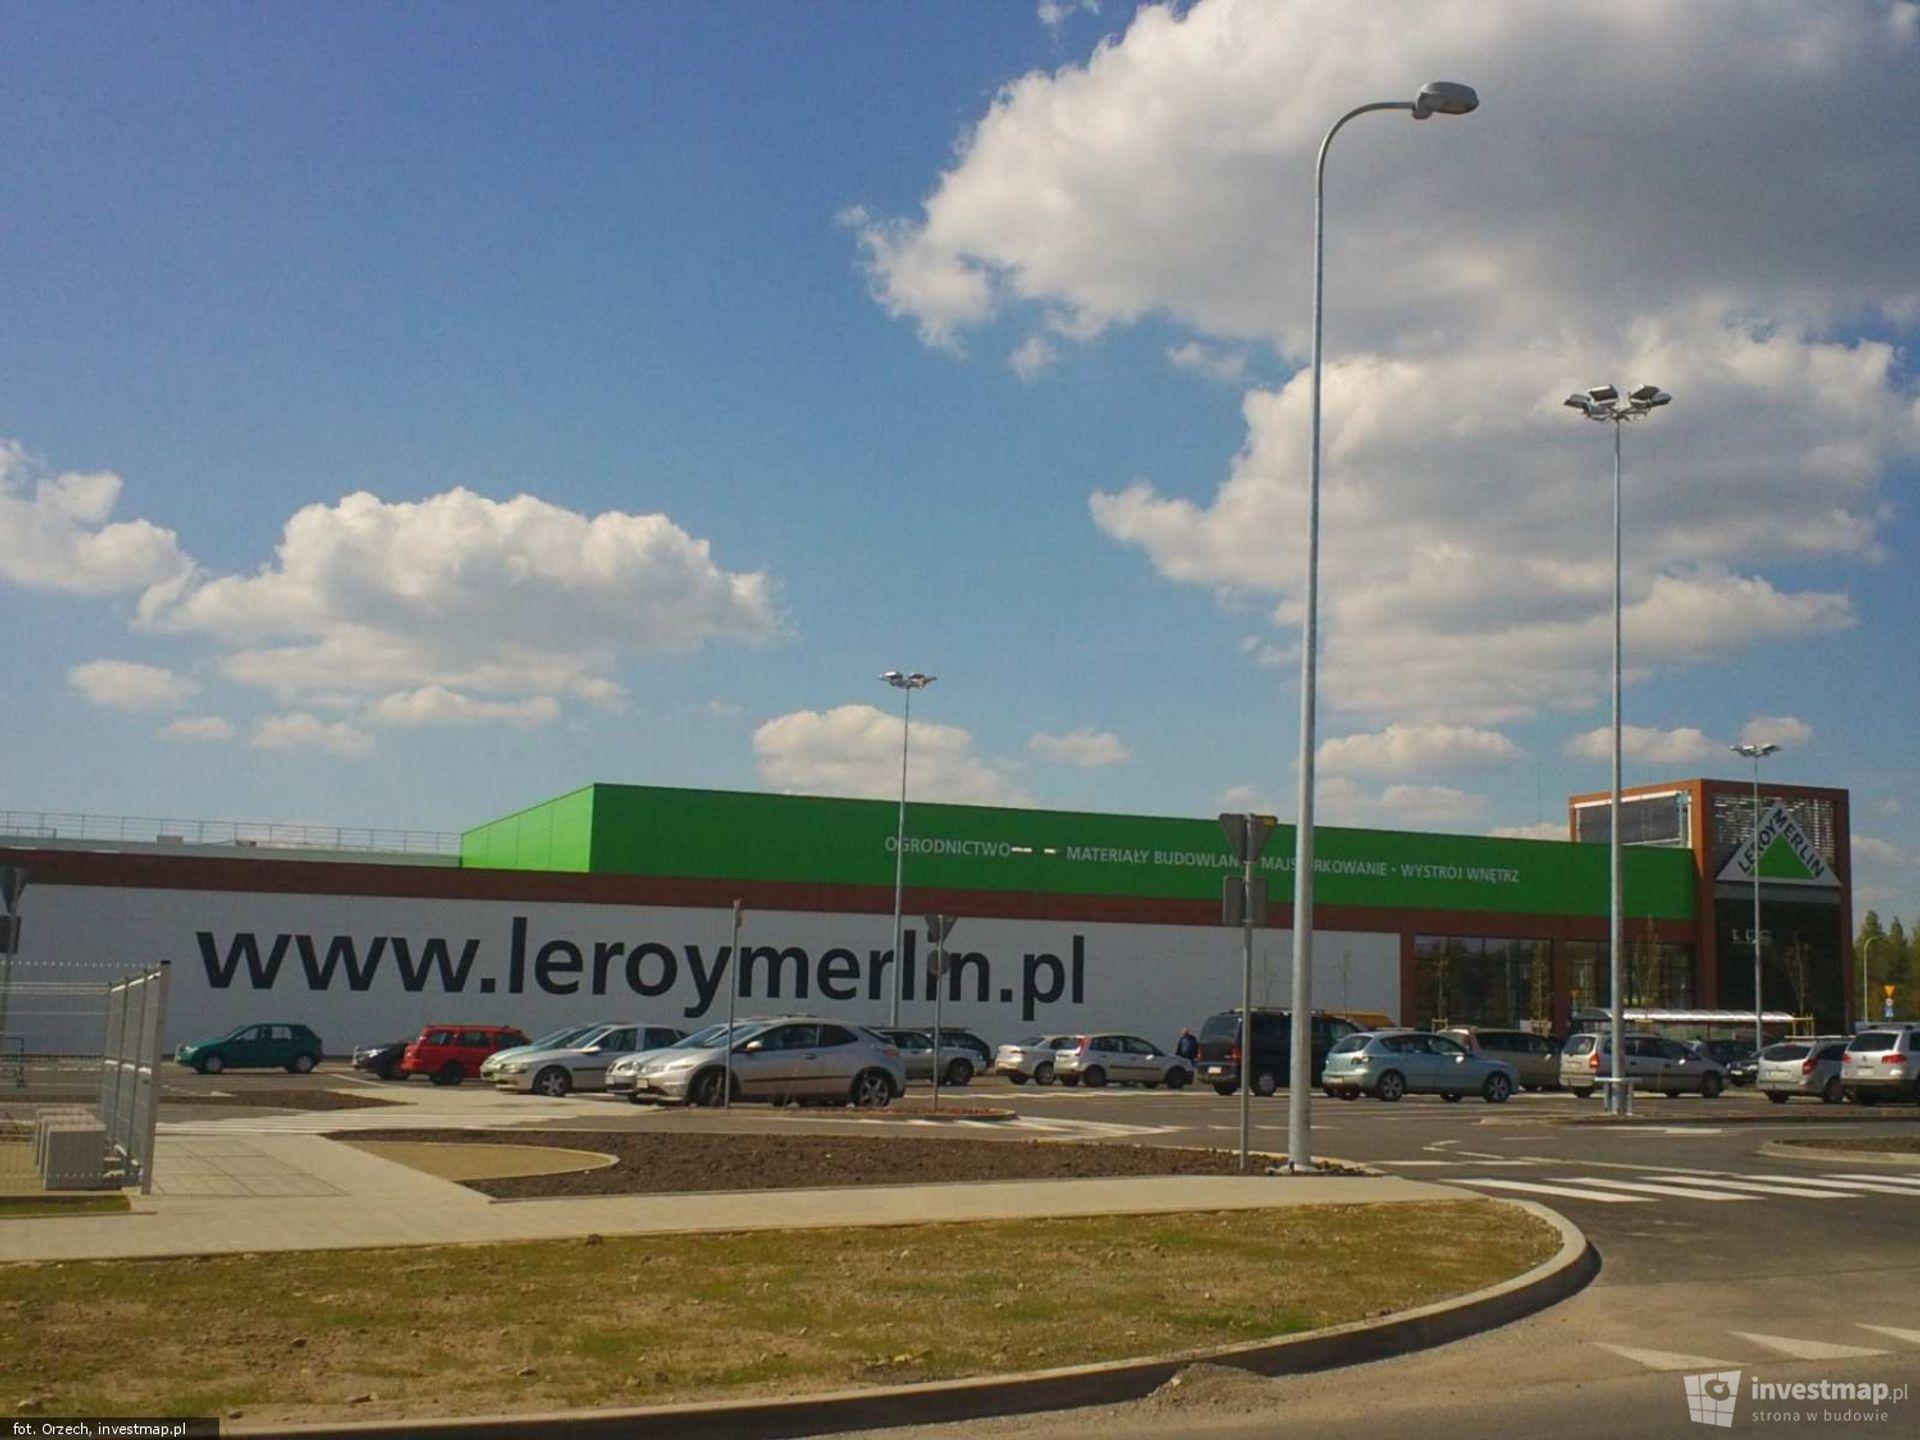 [Wrocław] Trzeci market budowlany Leroy Merlin przy ul. Krakowskiej – otwarcie już w maju!